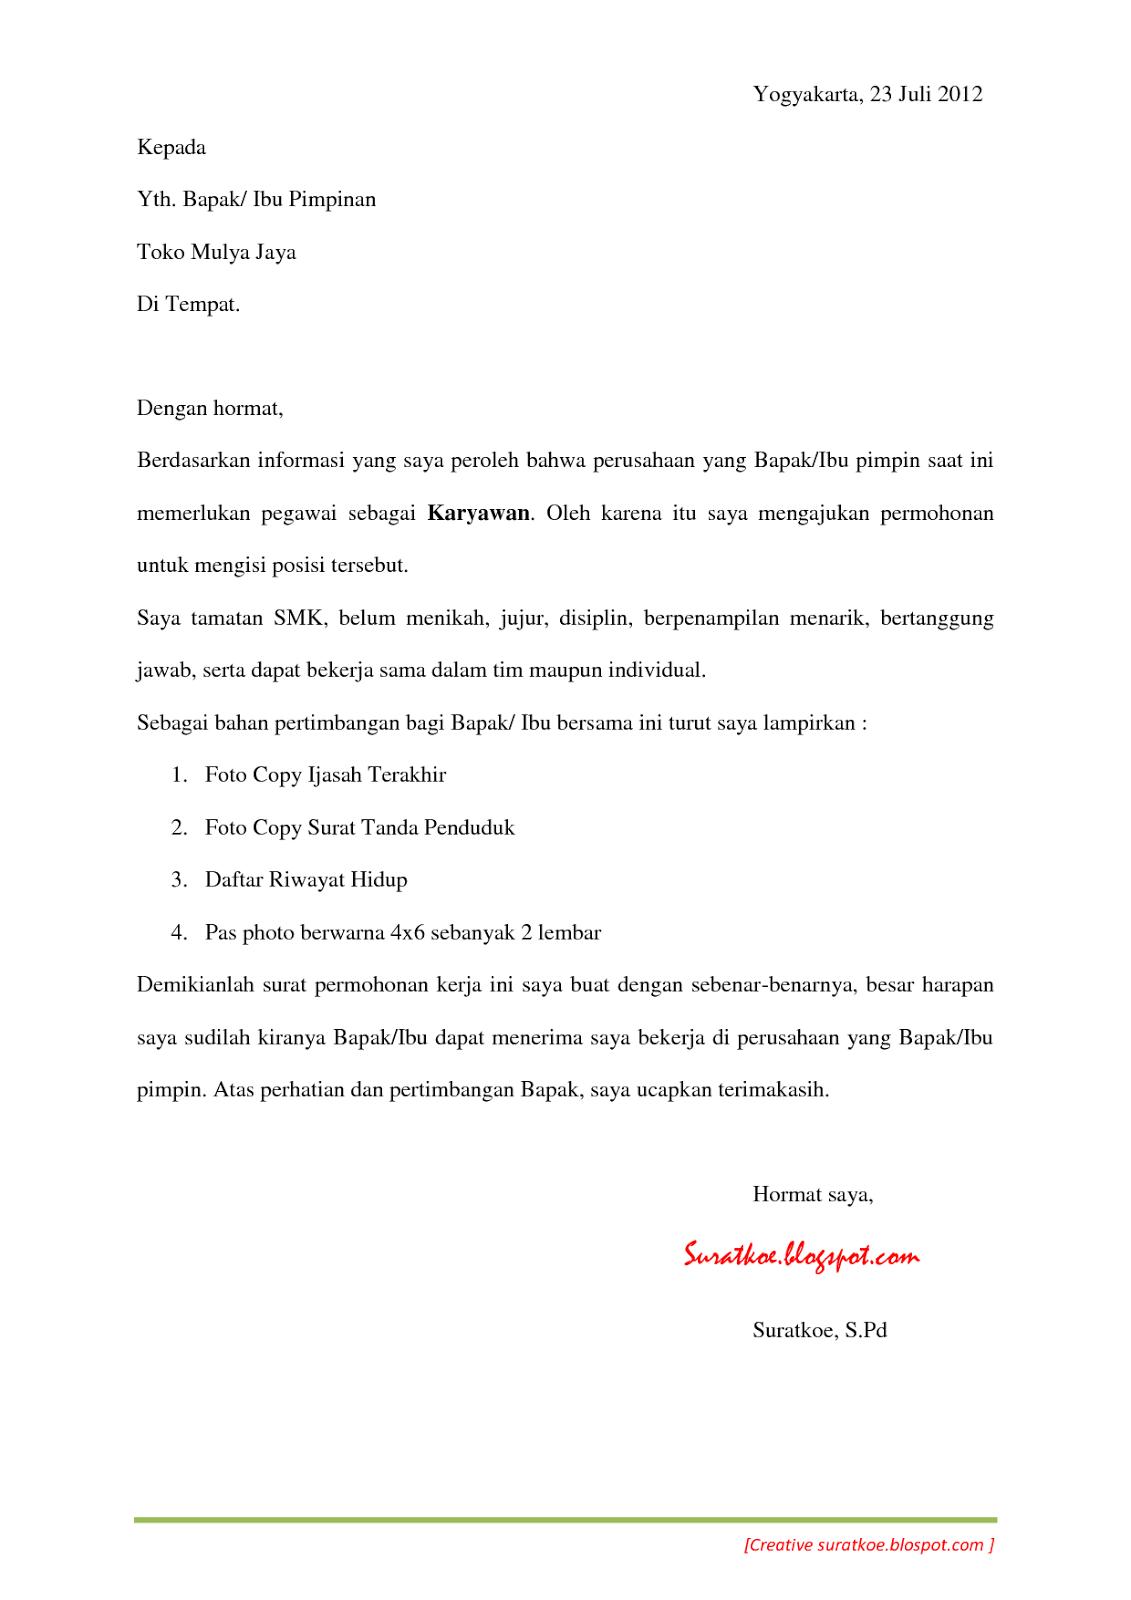 Surat Lamaran Mandiri Taspen